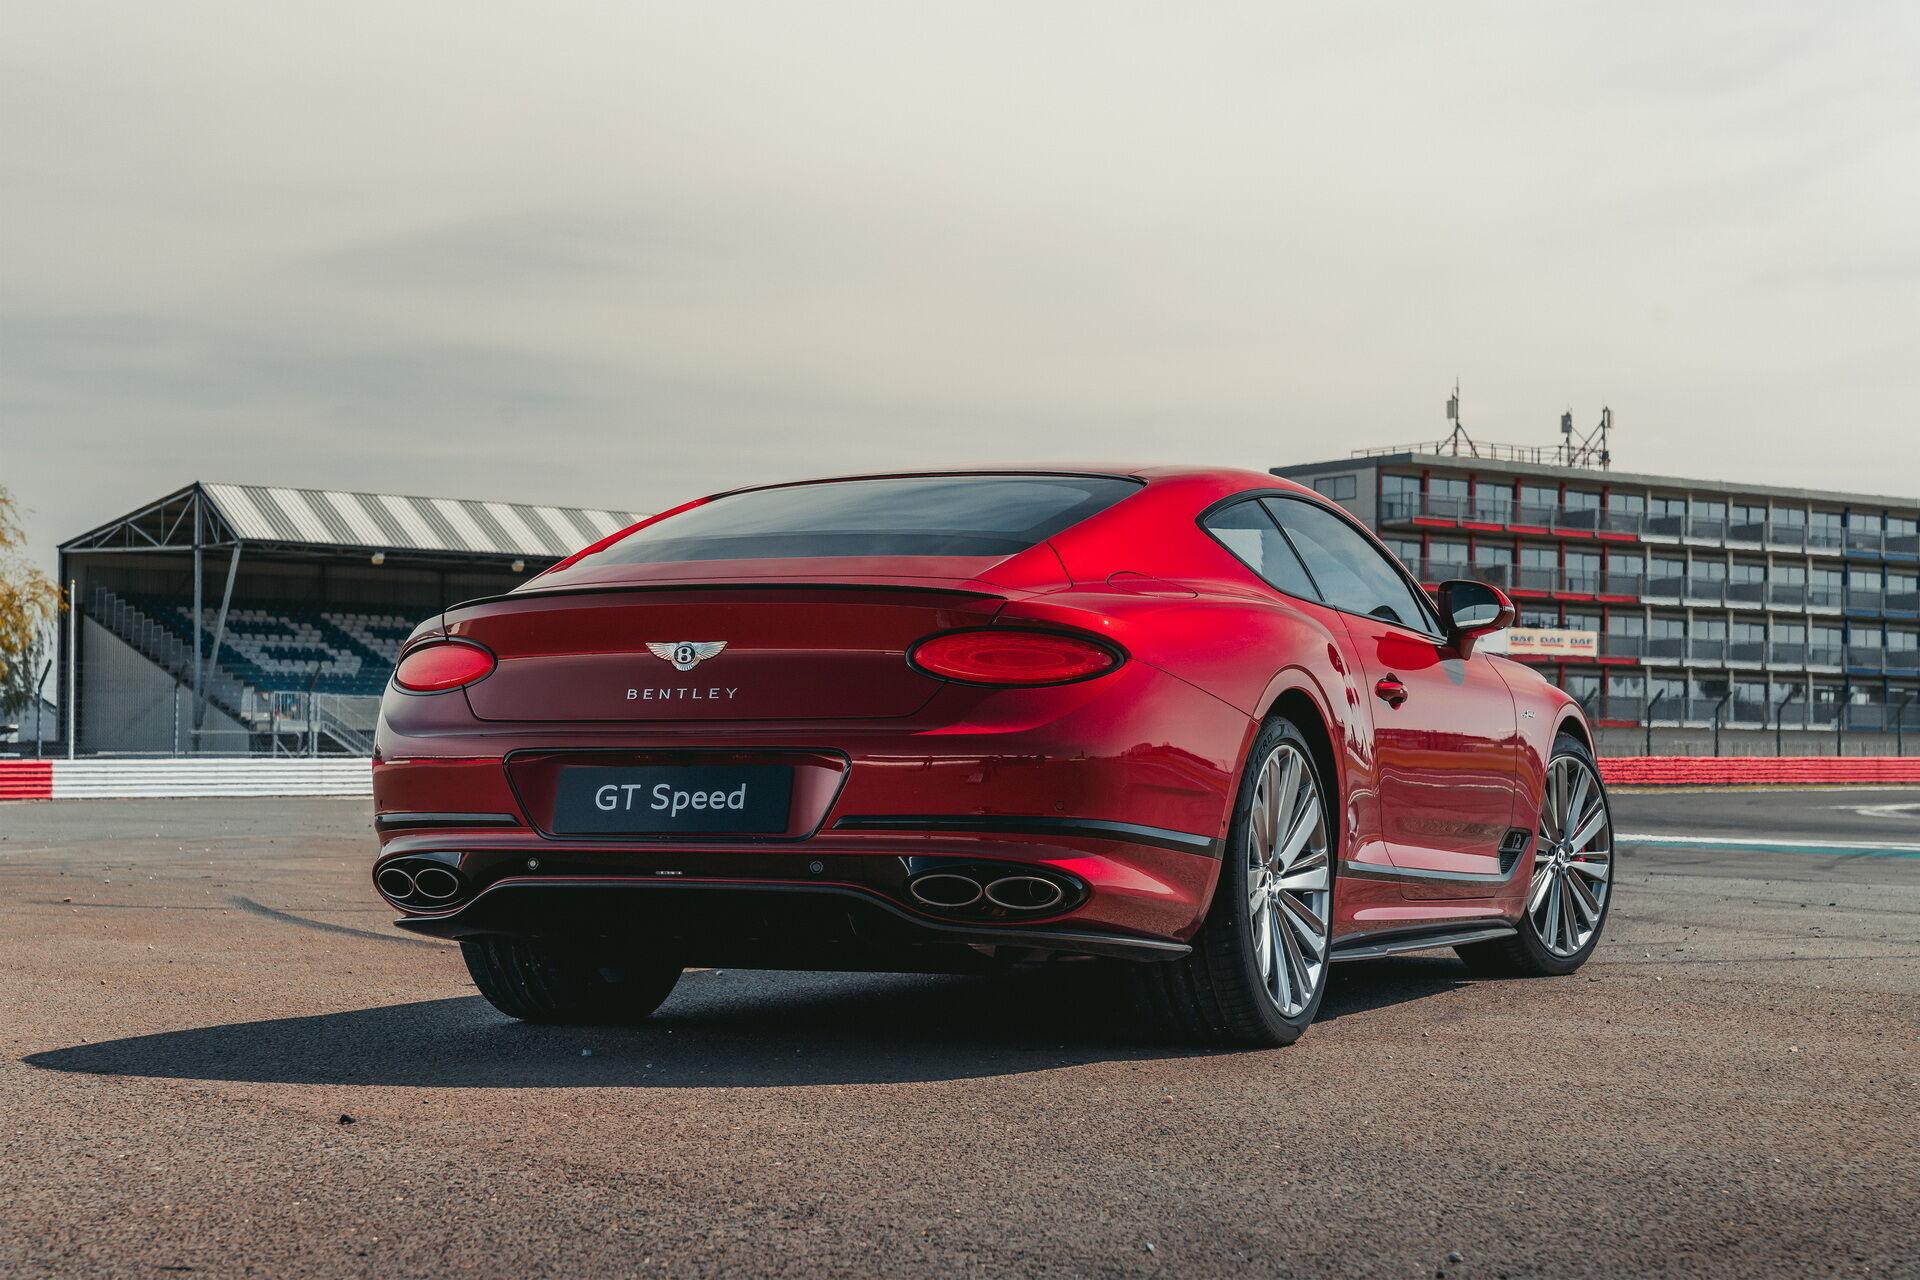 Continental GT Speed тратит на спринт от 0 до 100 км/ч всего 3,6 с, а максимальная скорость достигает 335 км/ч